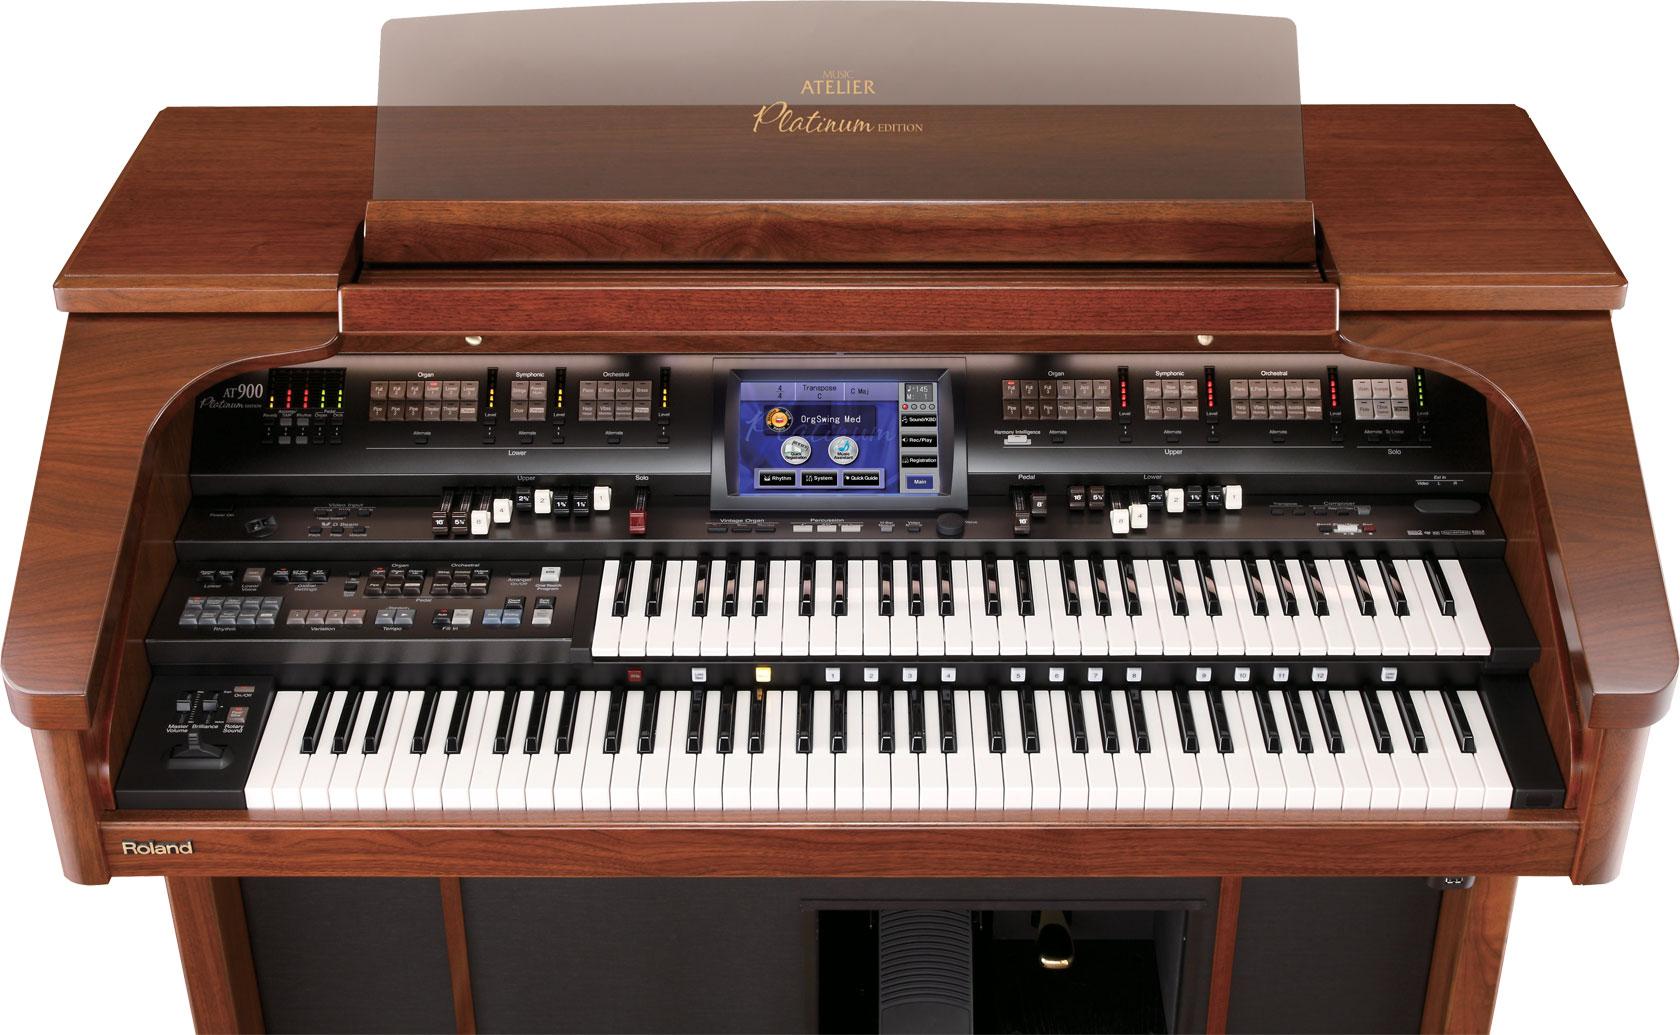 Roland AT-300 Music Atelier Treiber Windows XP